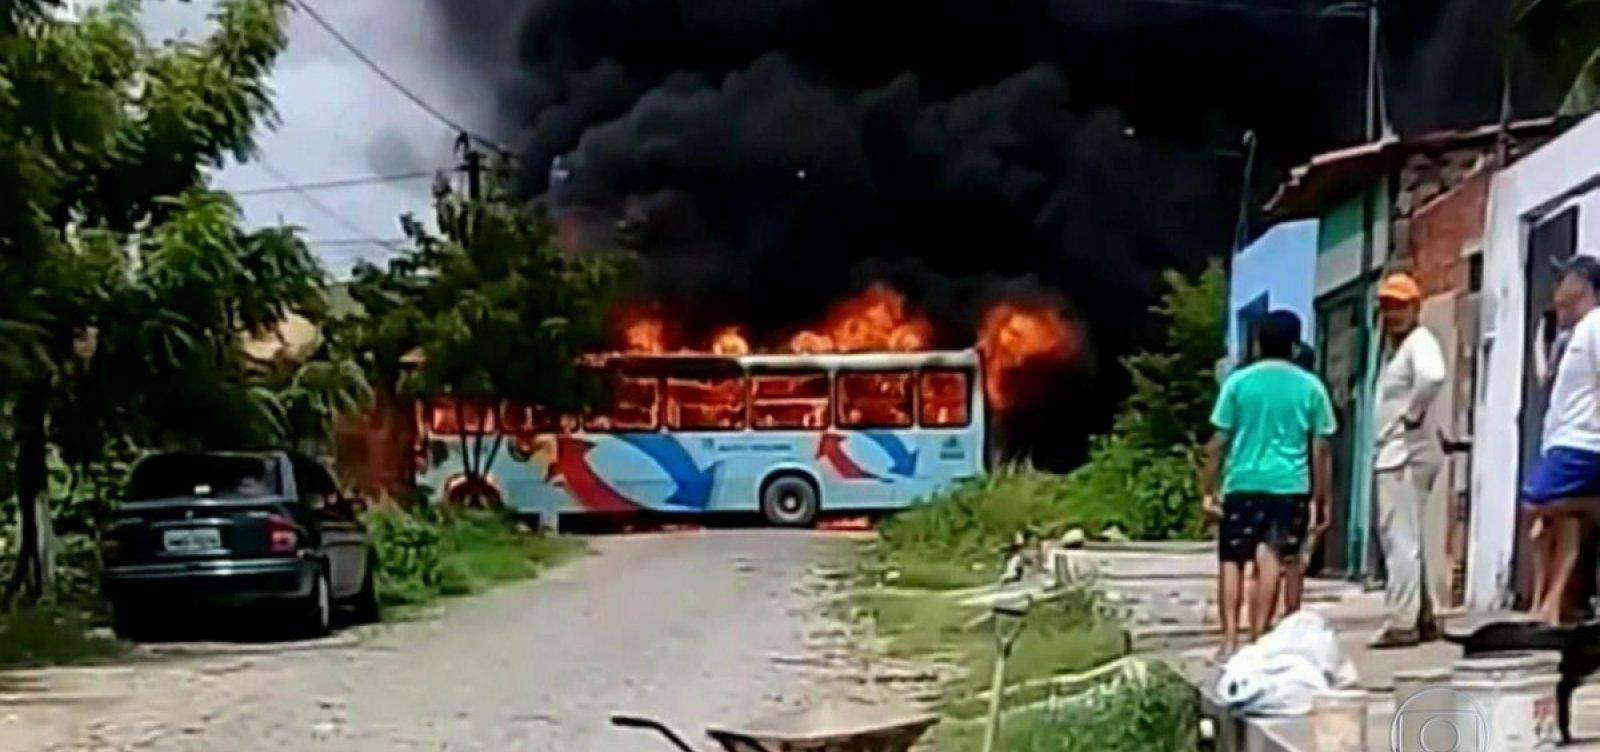 [Criminosos detonam explosivos em viaduto na 9ª noite de ataques no Ceará]